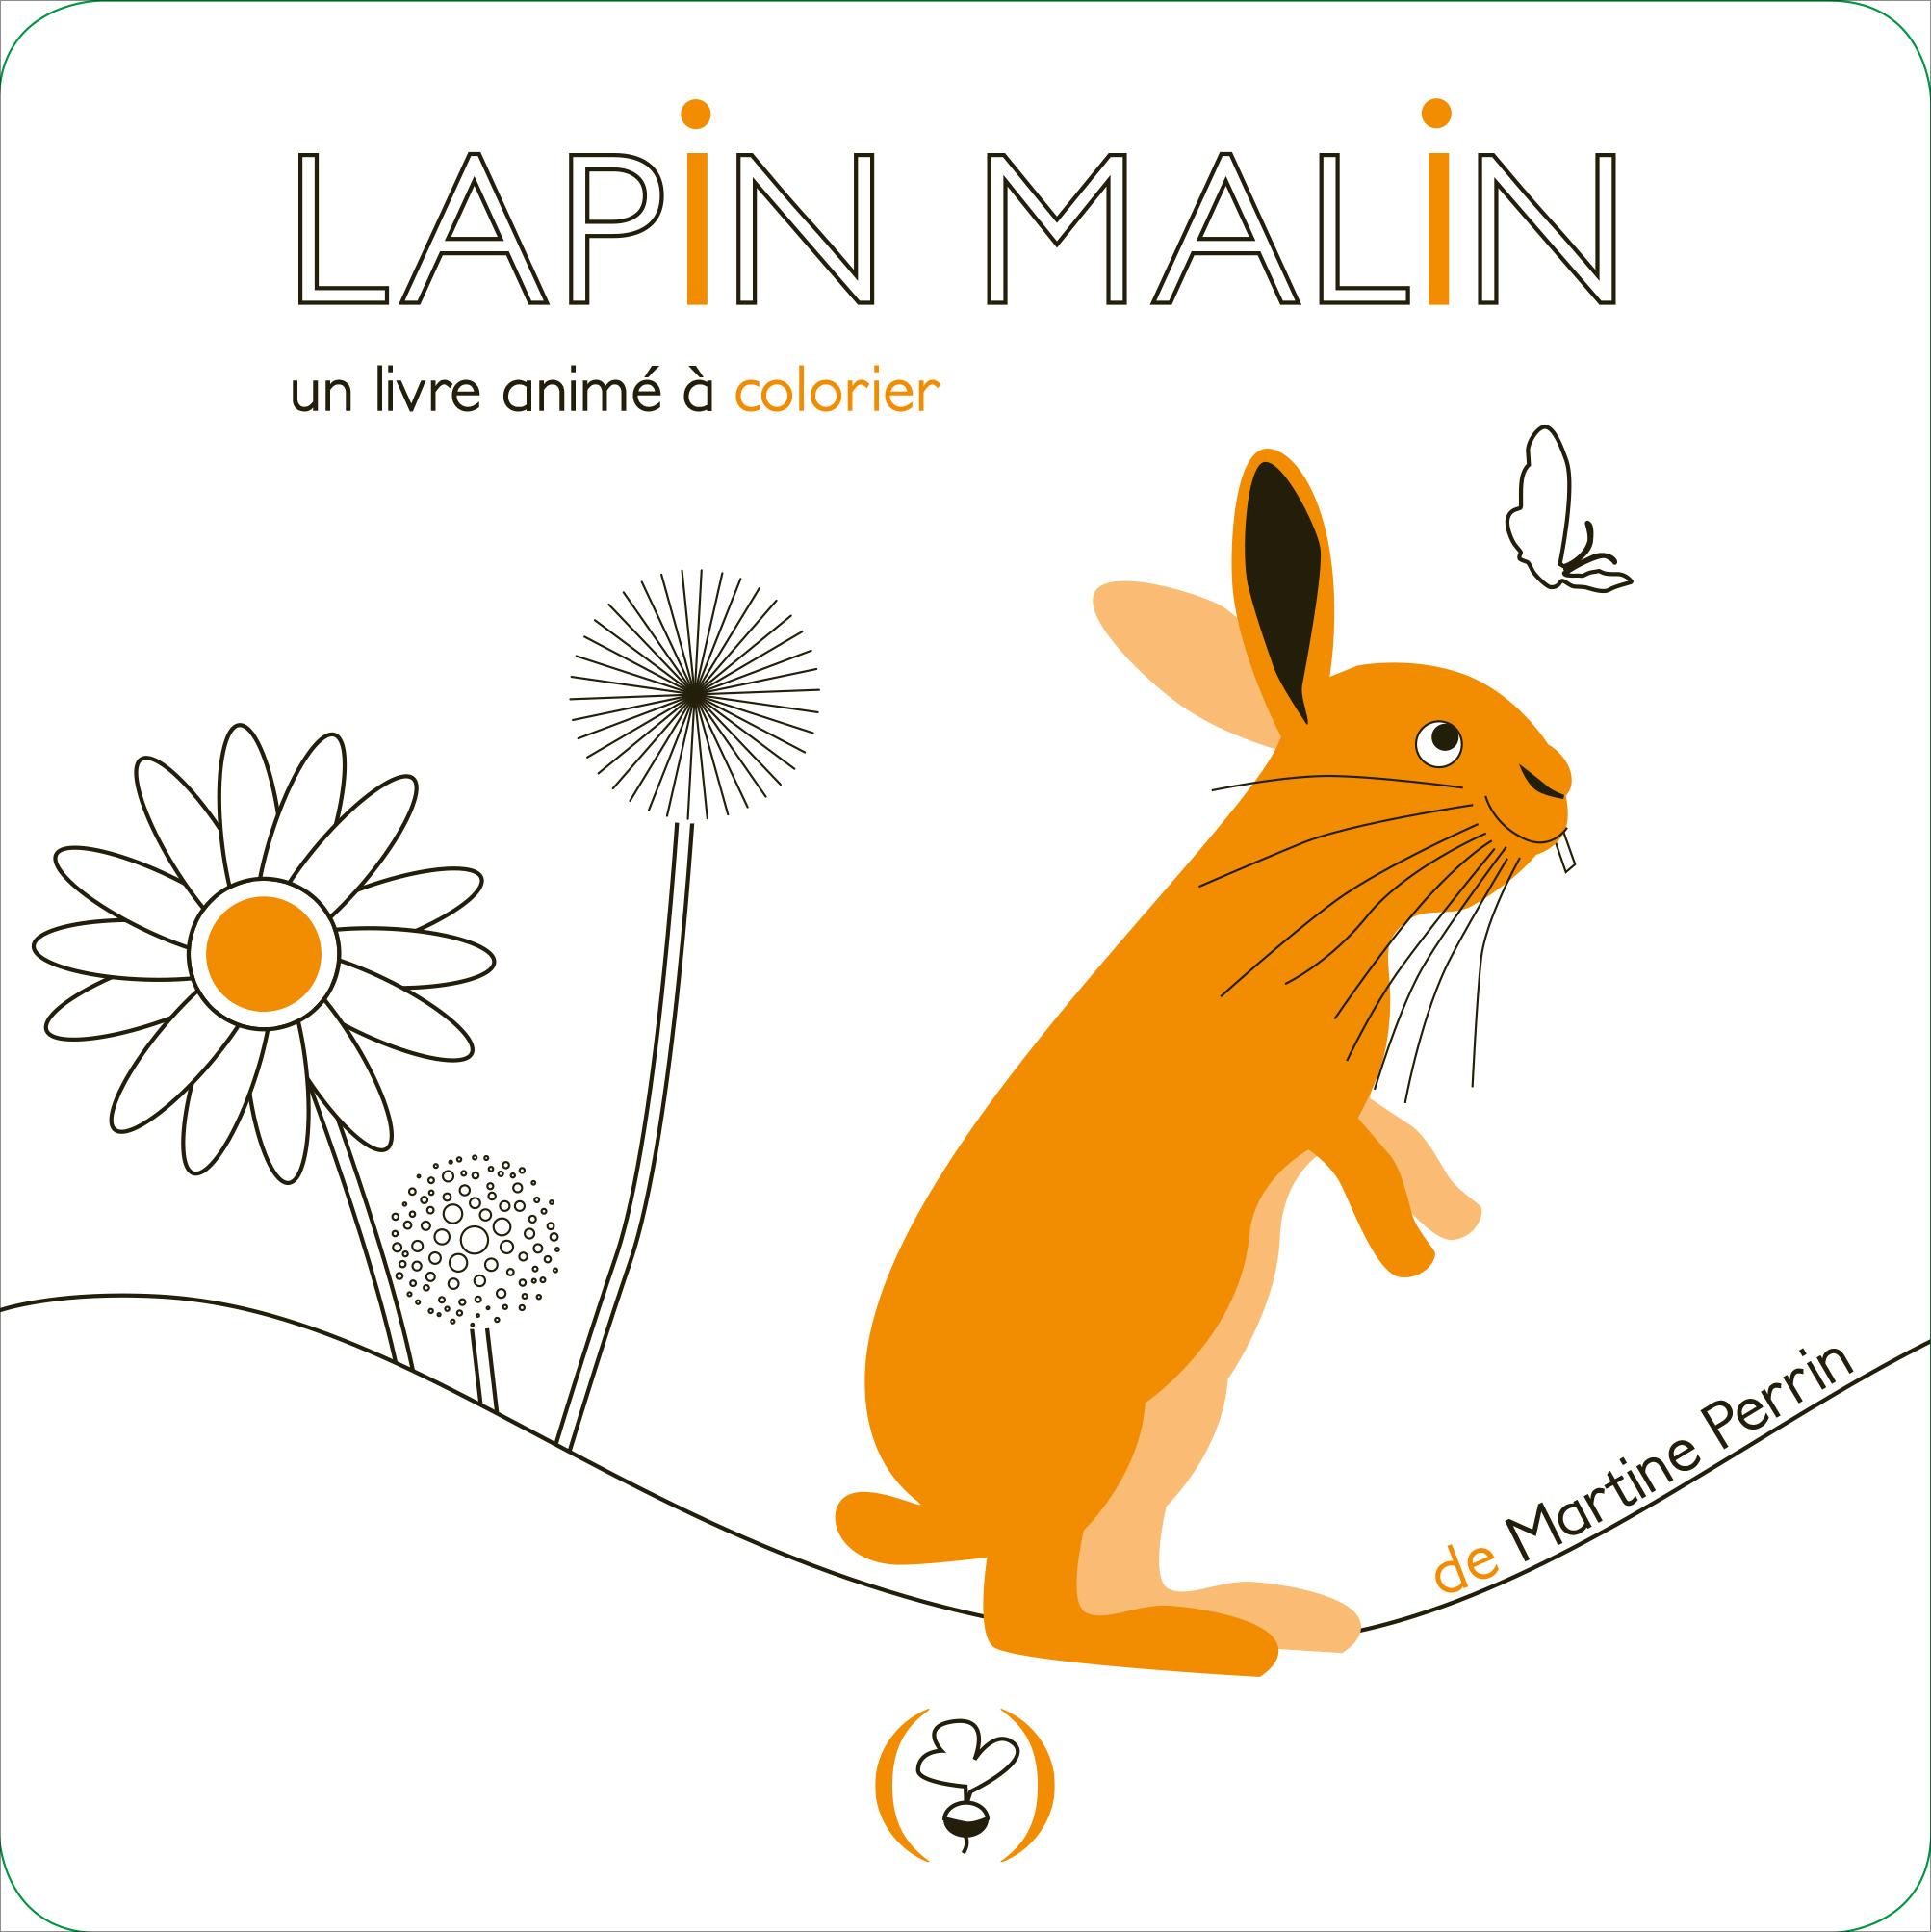 Lapin malin.un livre animé à colorier